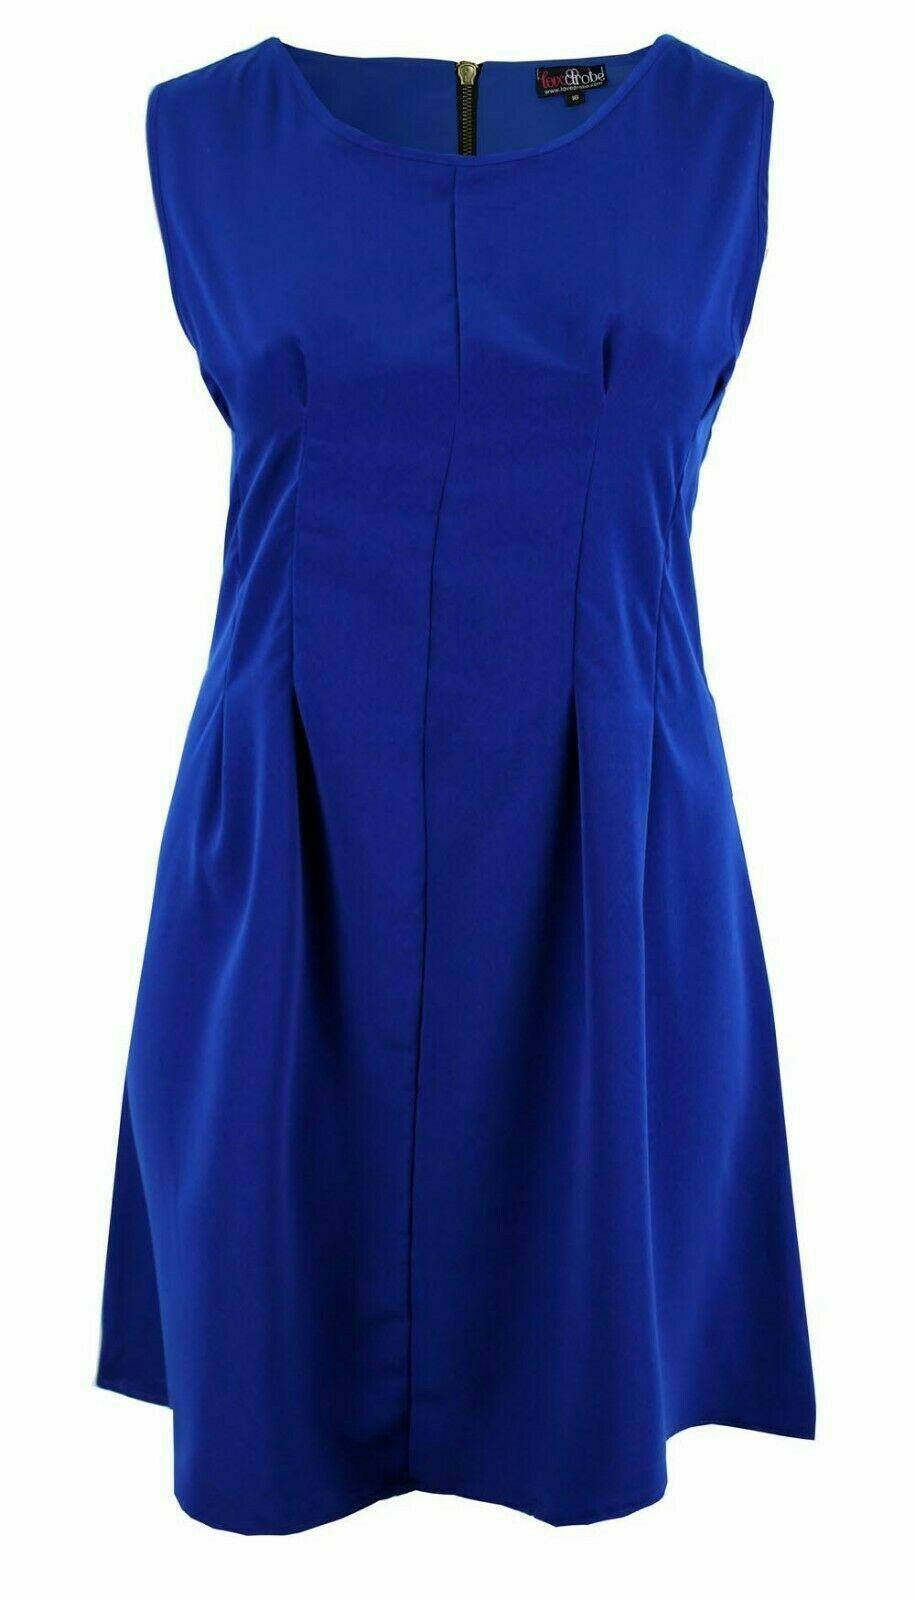 kleid gr.46 blau sommerkleid festlich damen kurz rockabilly